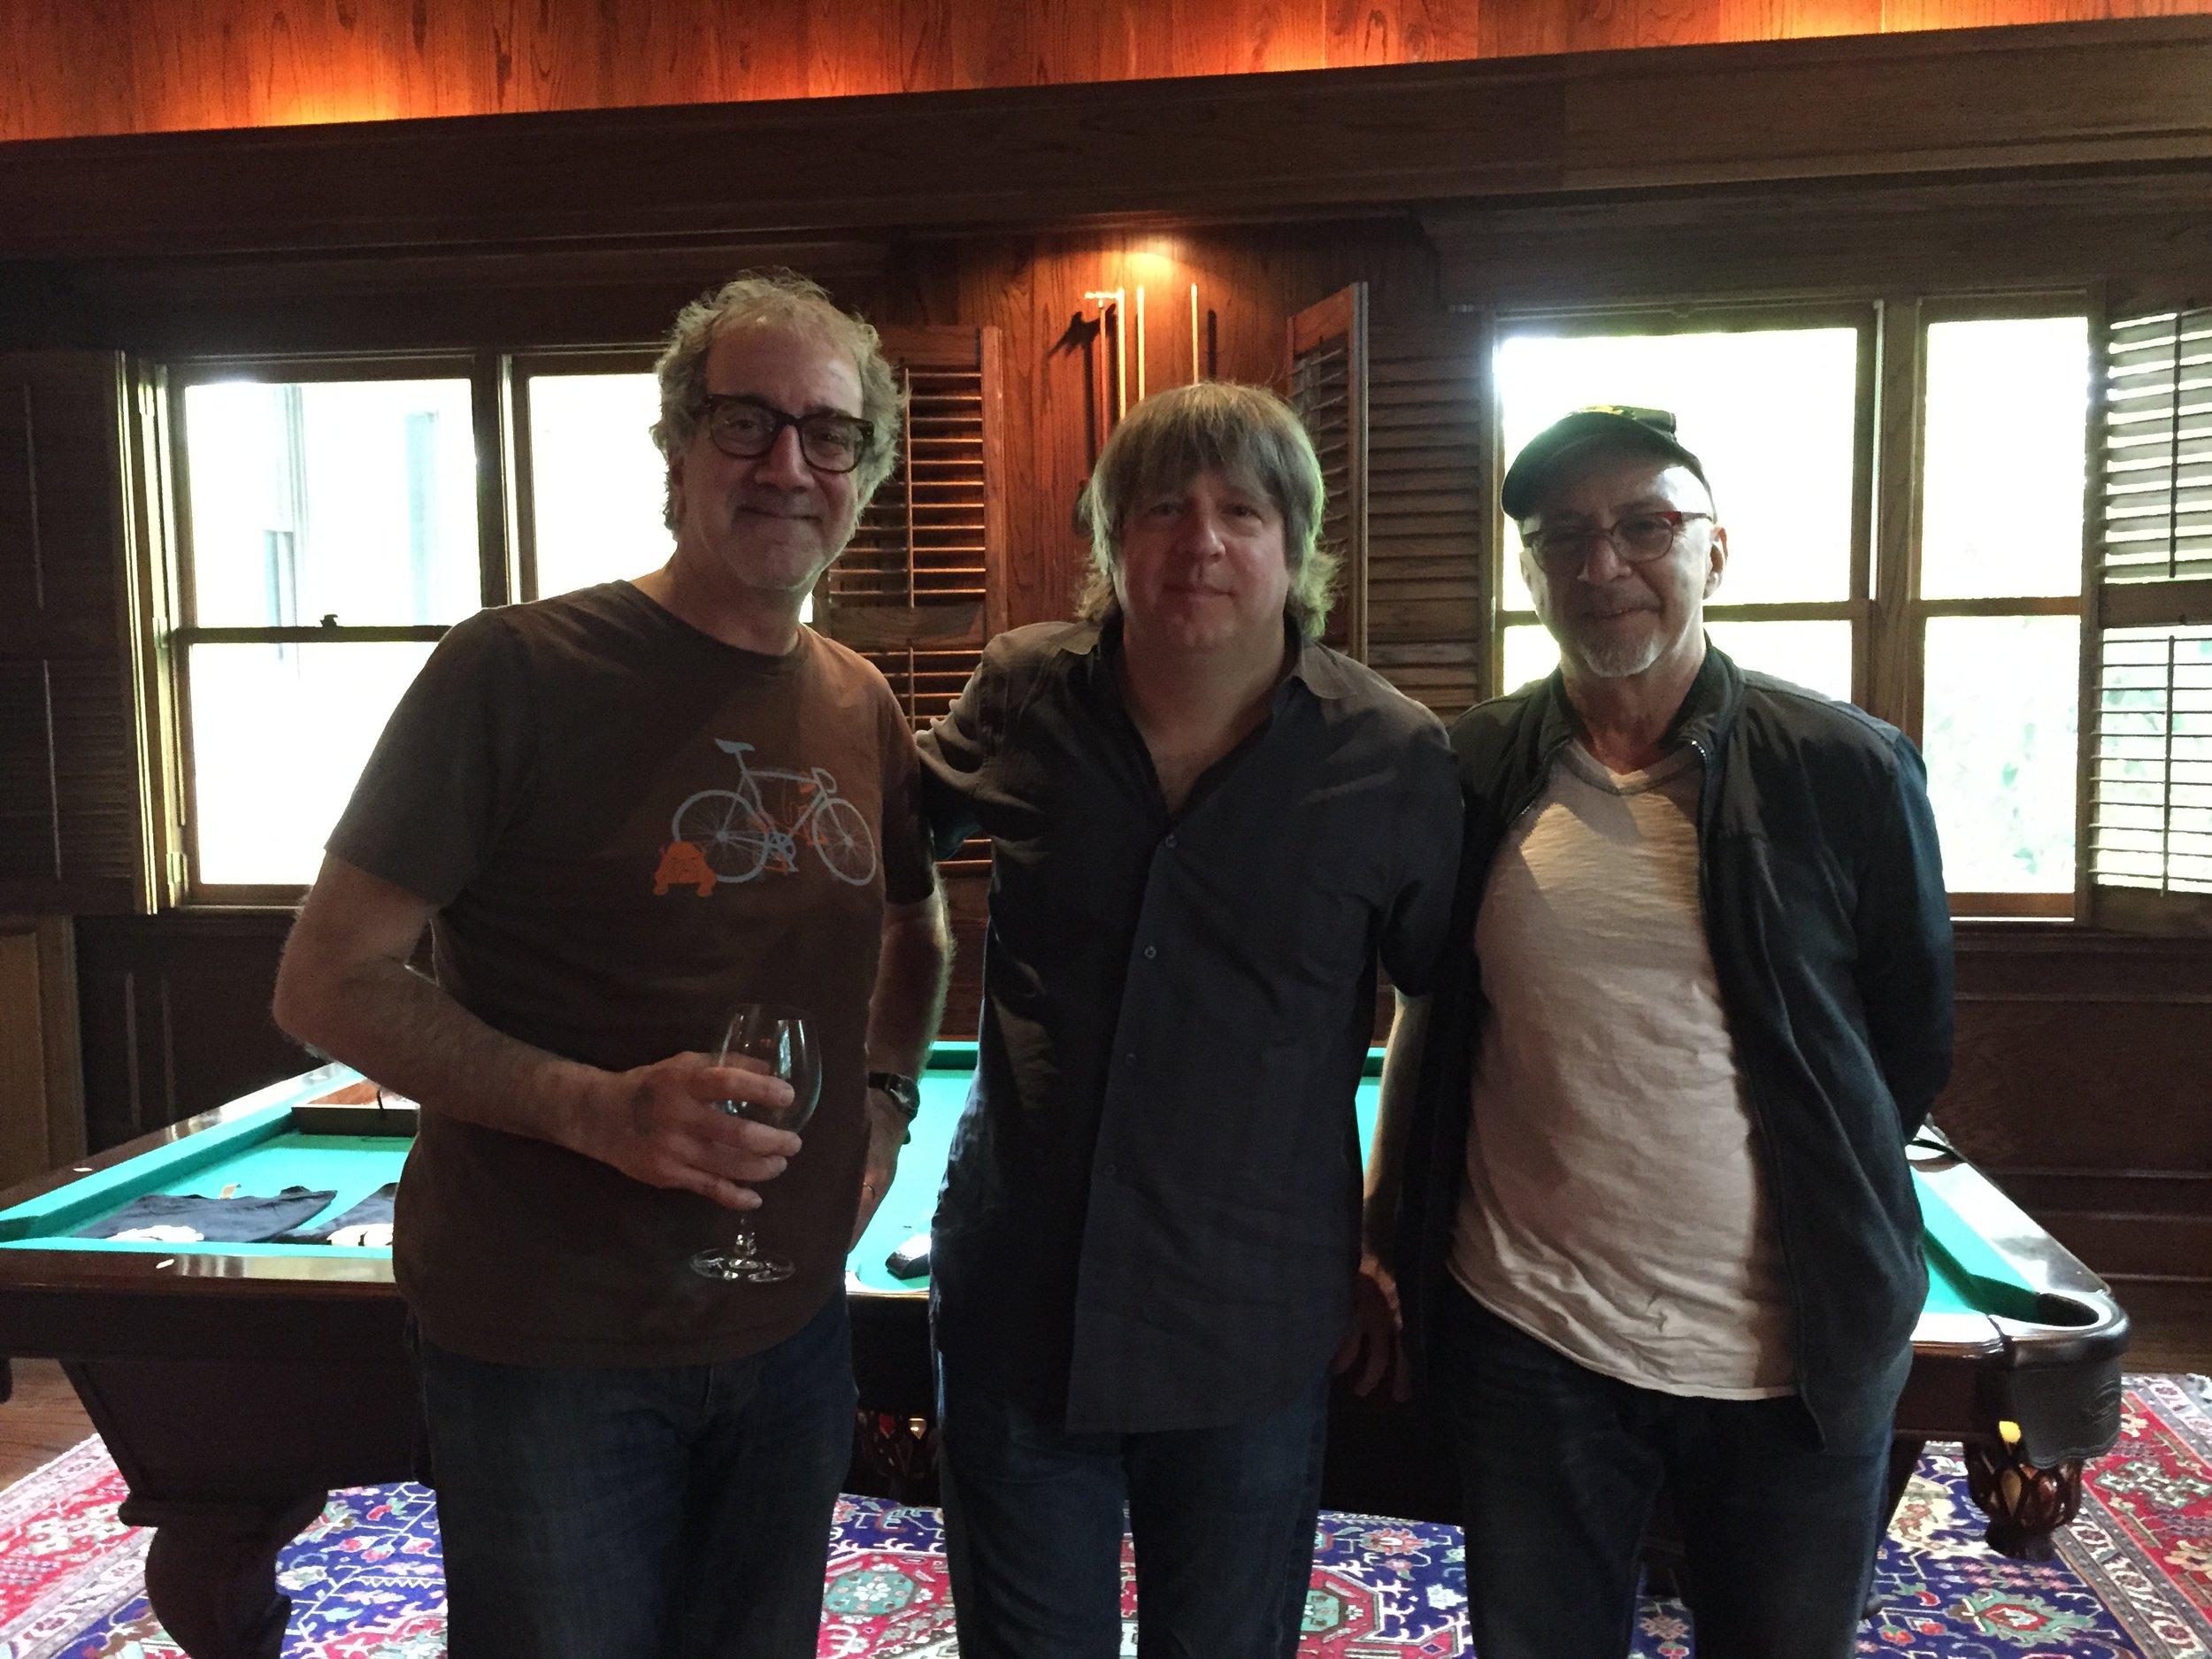 Steve with John & Stew @ SXSW